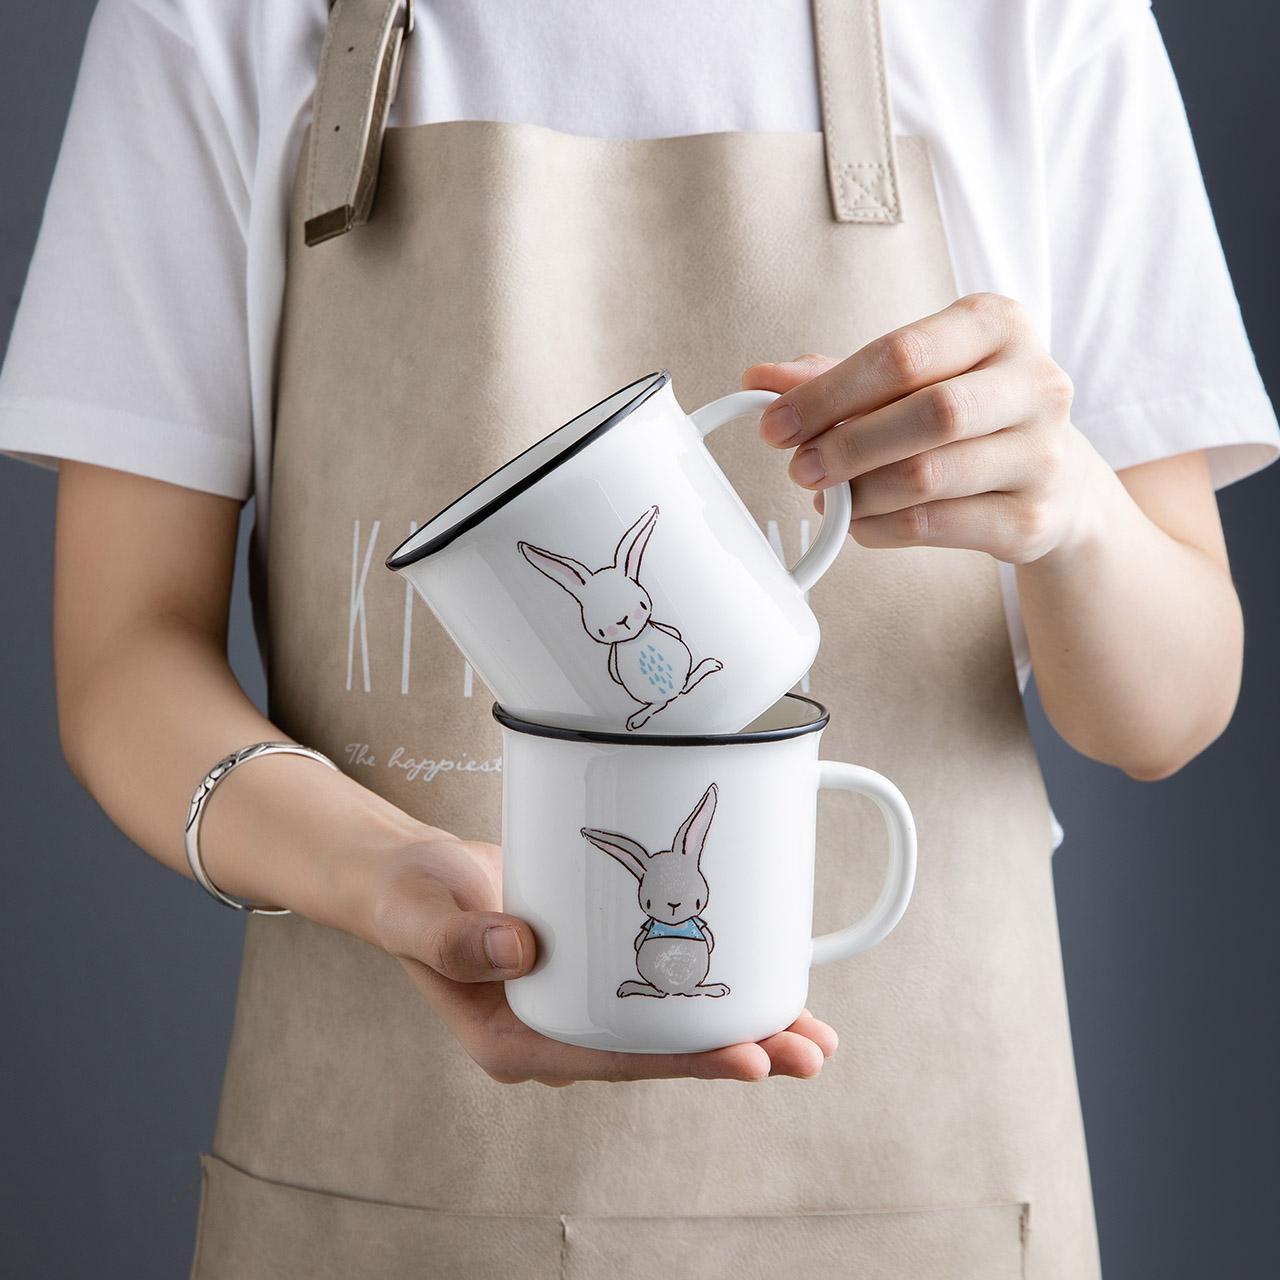 摩登主妇家用陶瓷杯,少女心可爱超萌礼物